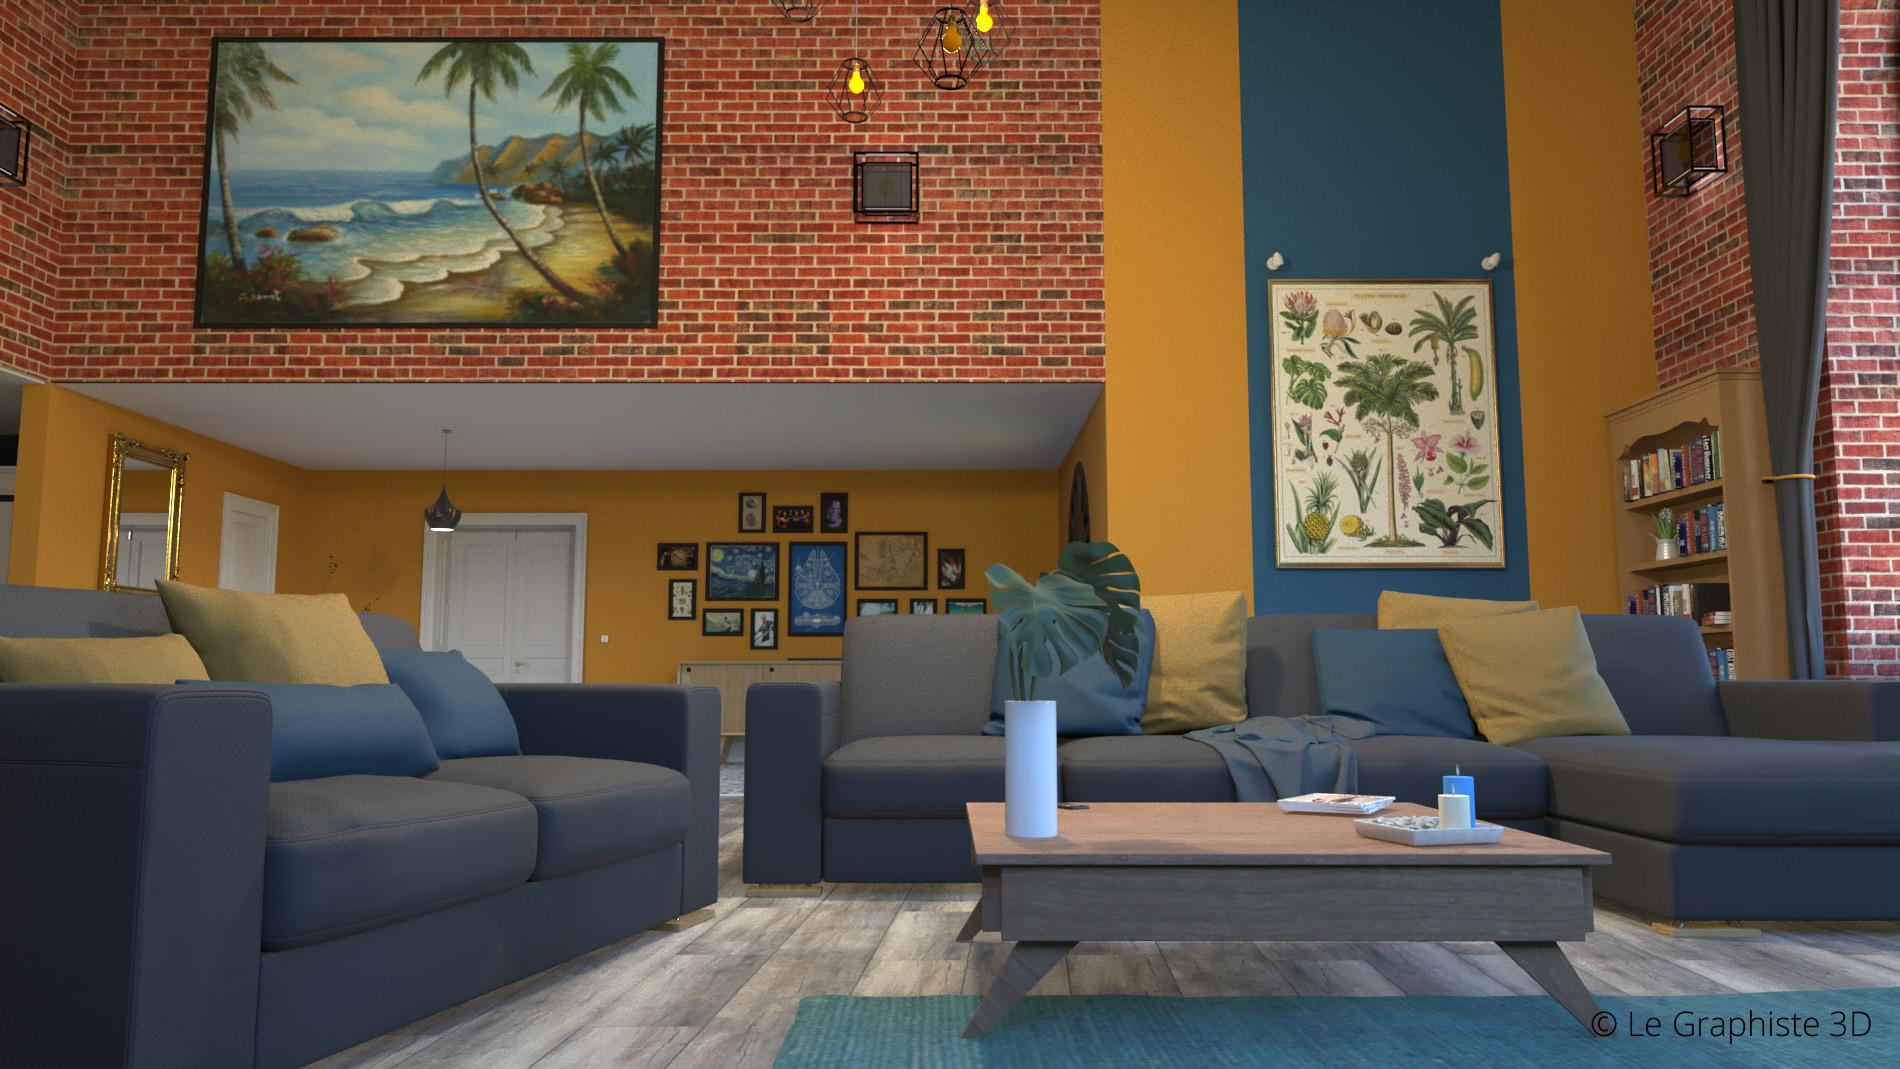 Réalisation d'une image fixe en 3D d'un loft moderne